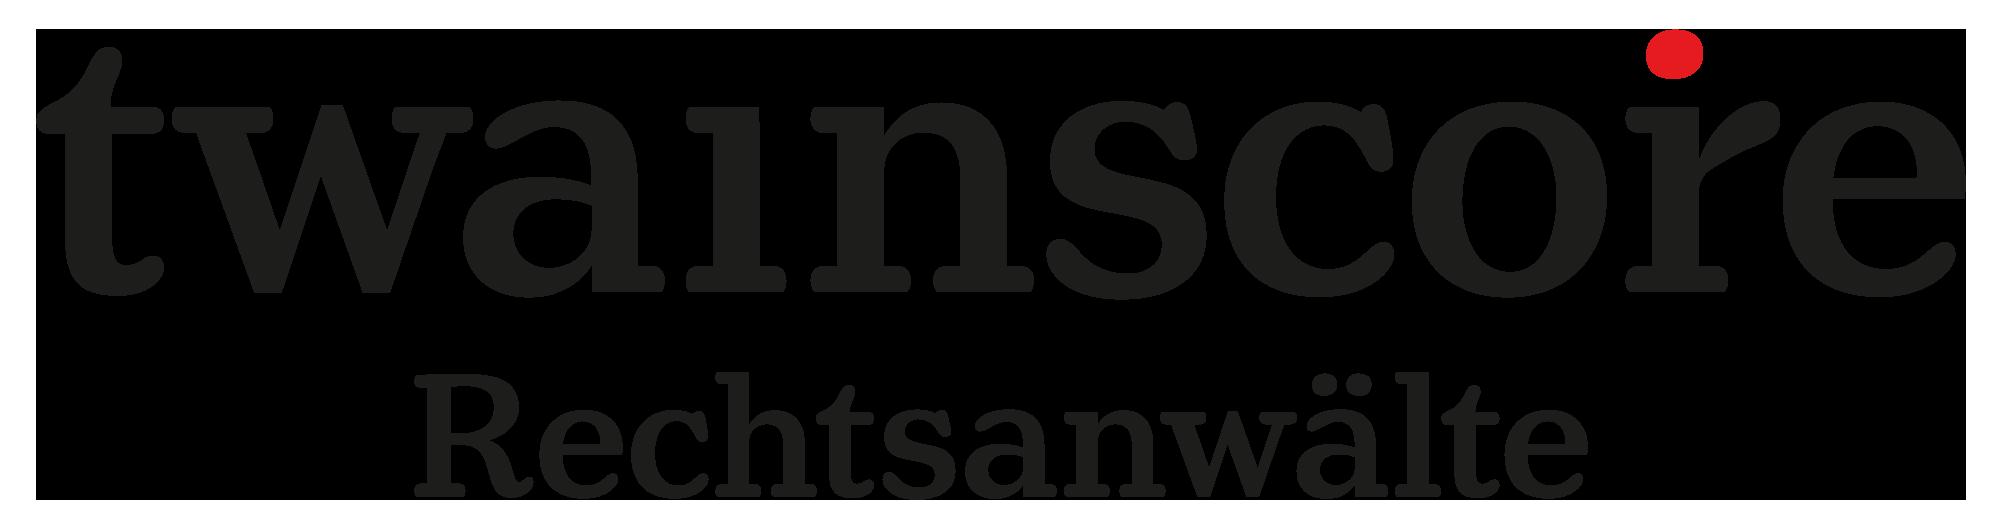 TWAINSCORE Partnerschaft von Rechtsanwälten mbB